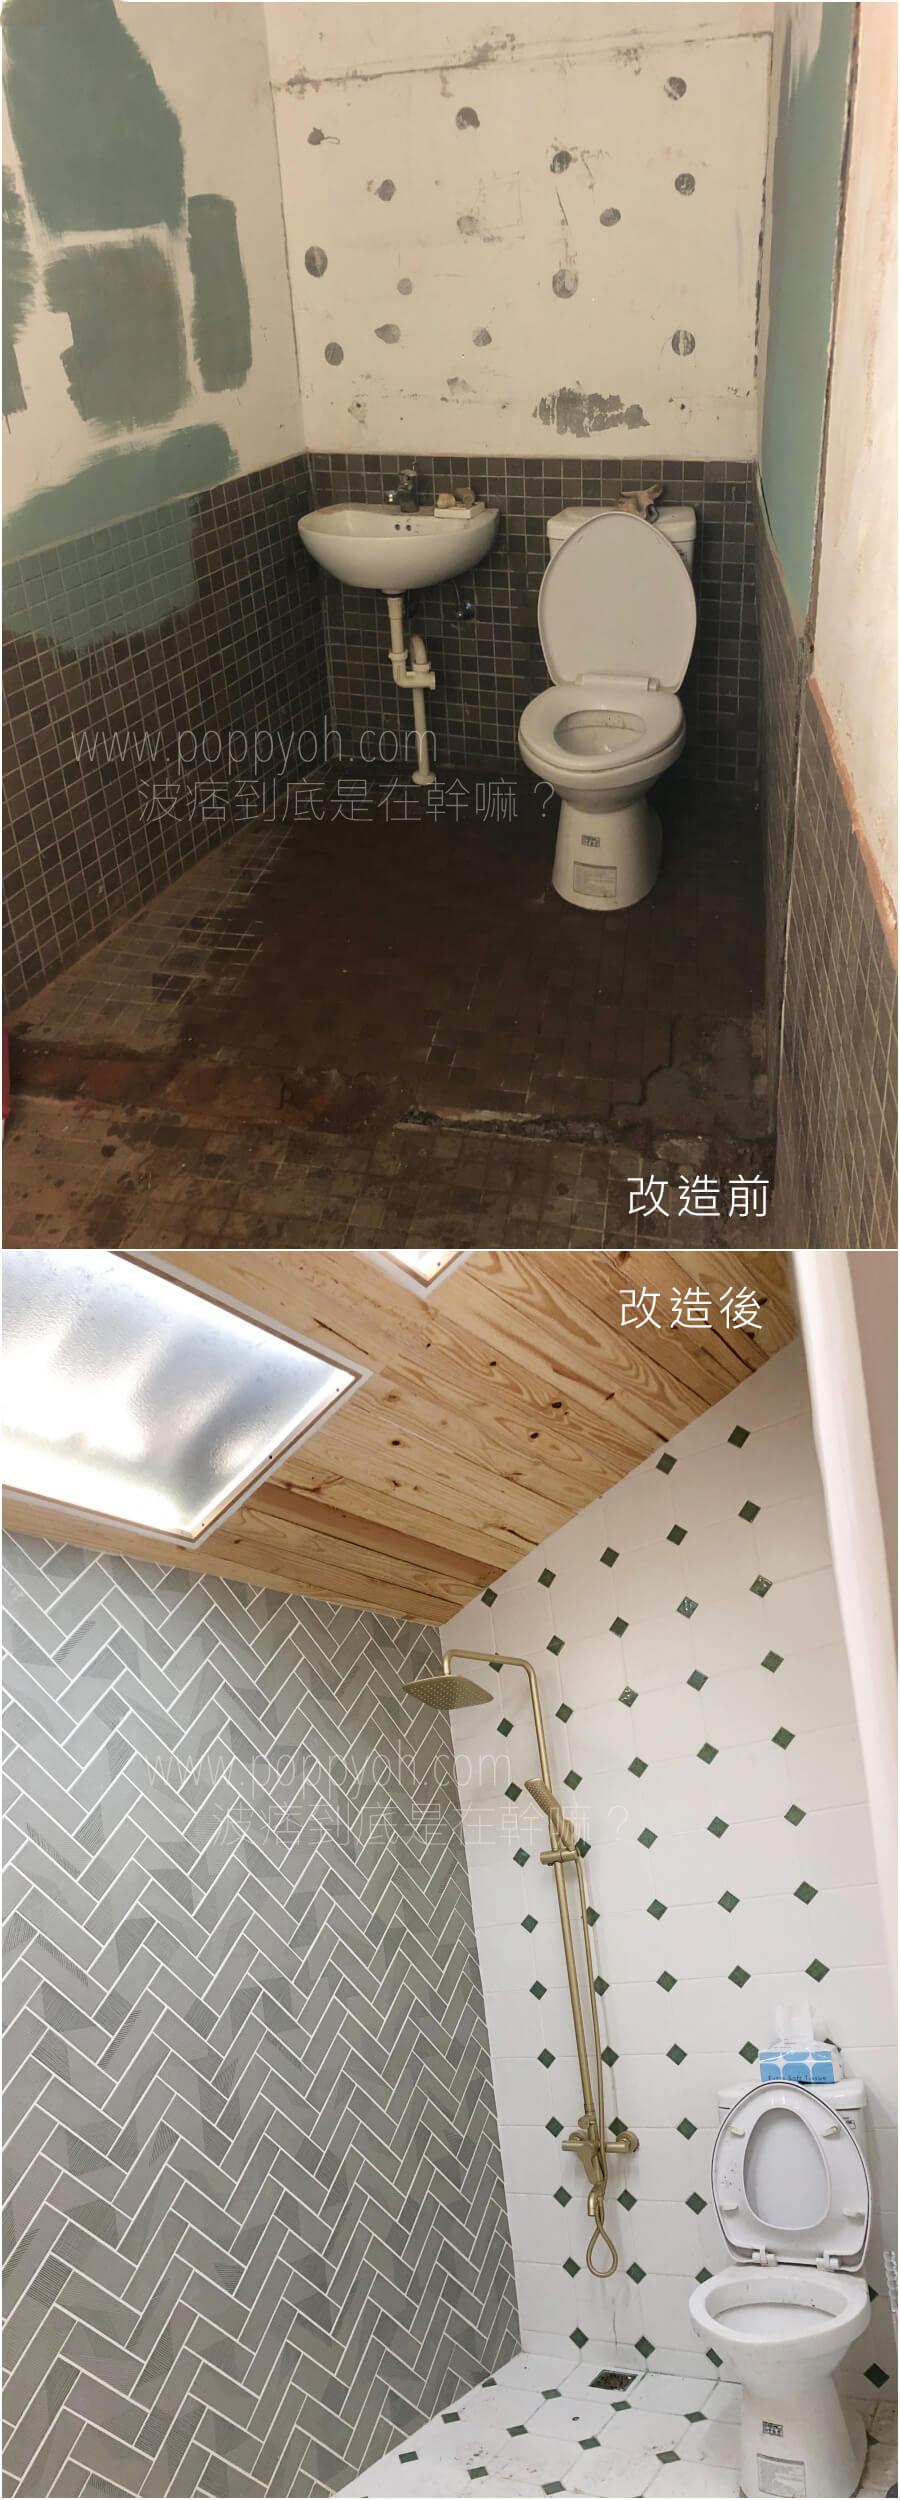 老屋 廁所 浴室 翻新 裝修 DIY